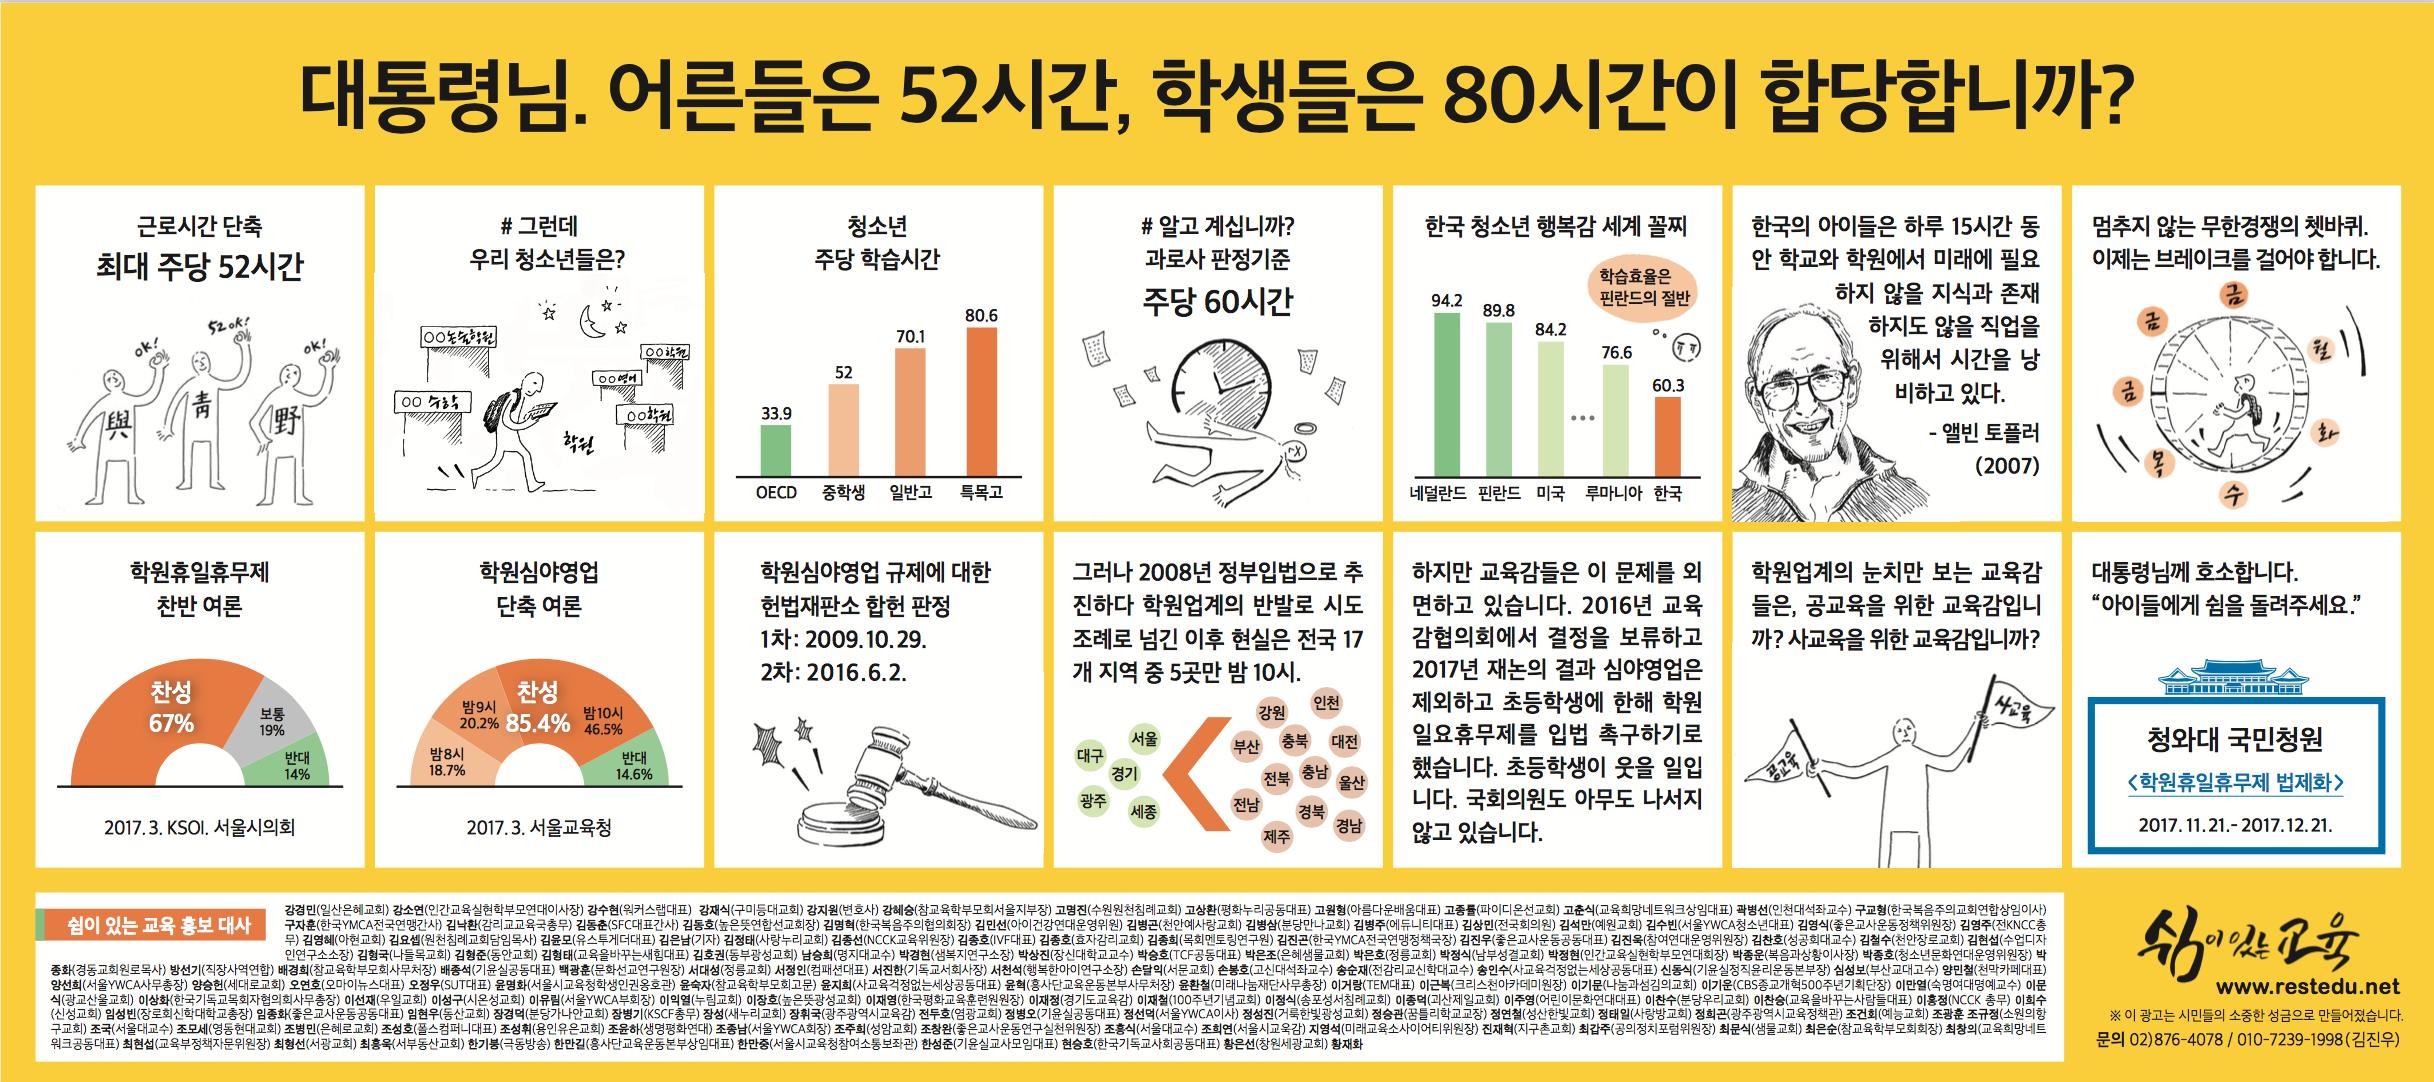 조선일보 광고.png